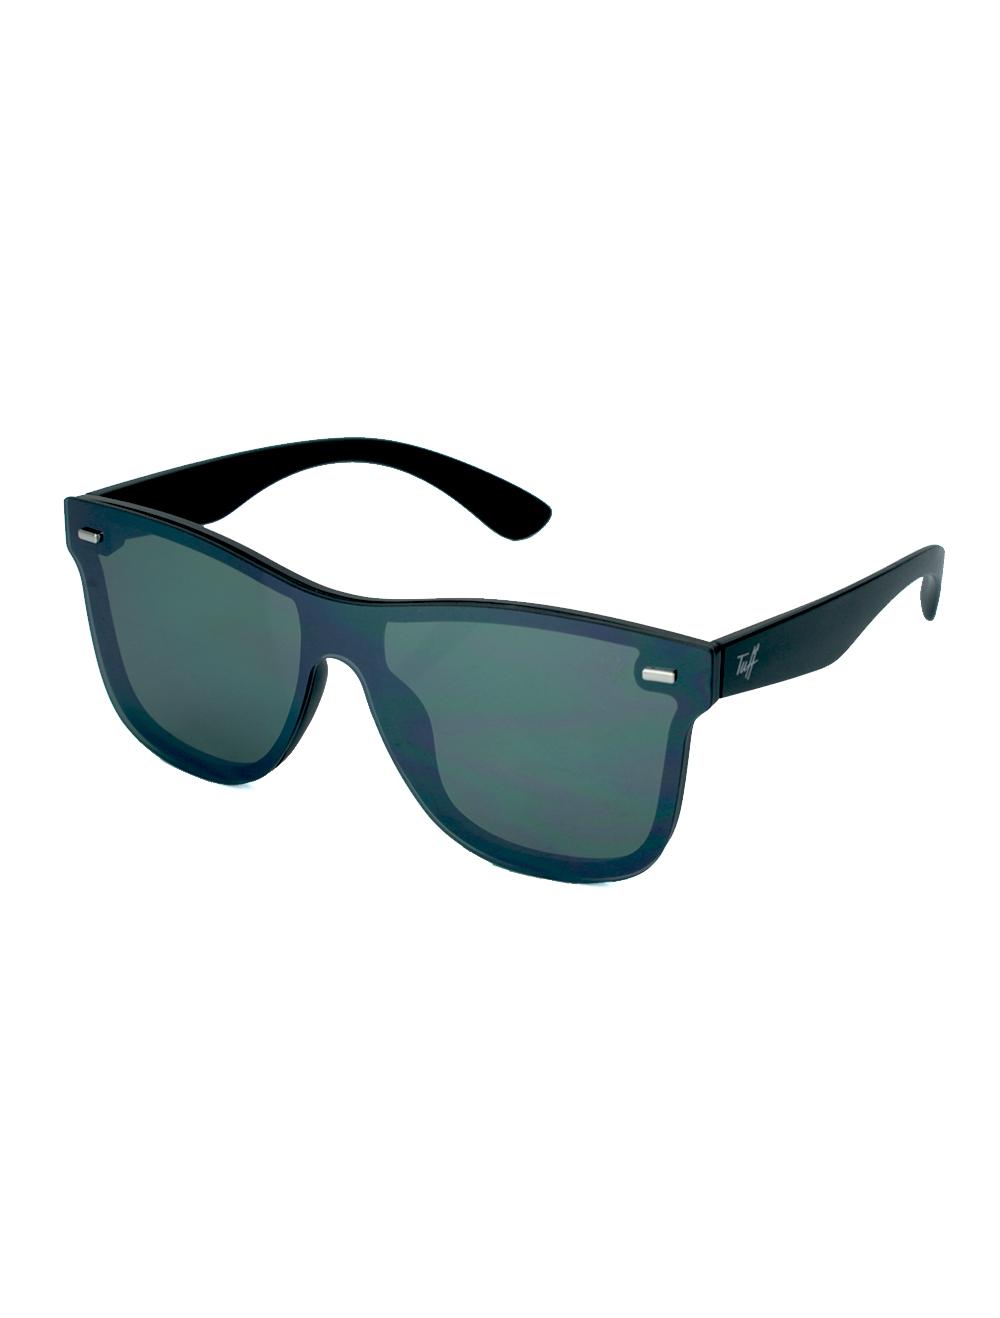 Sunglasses Quadrado Espelhado Verde